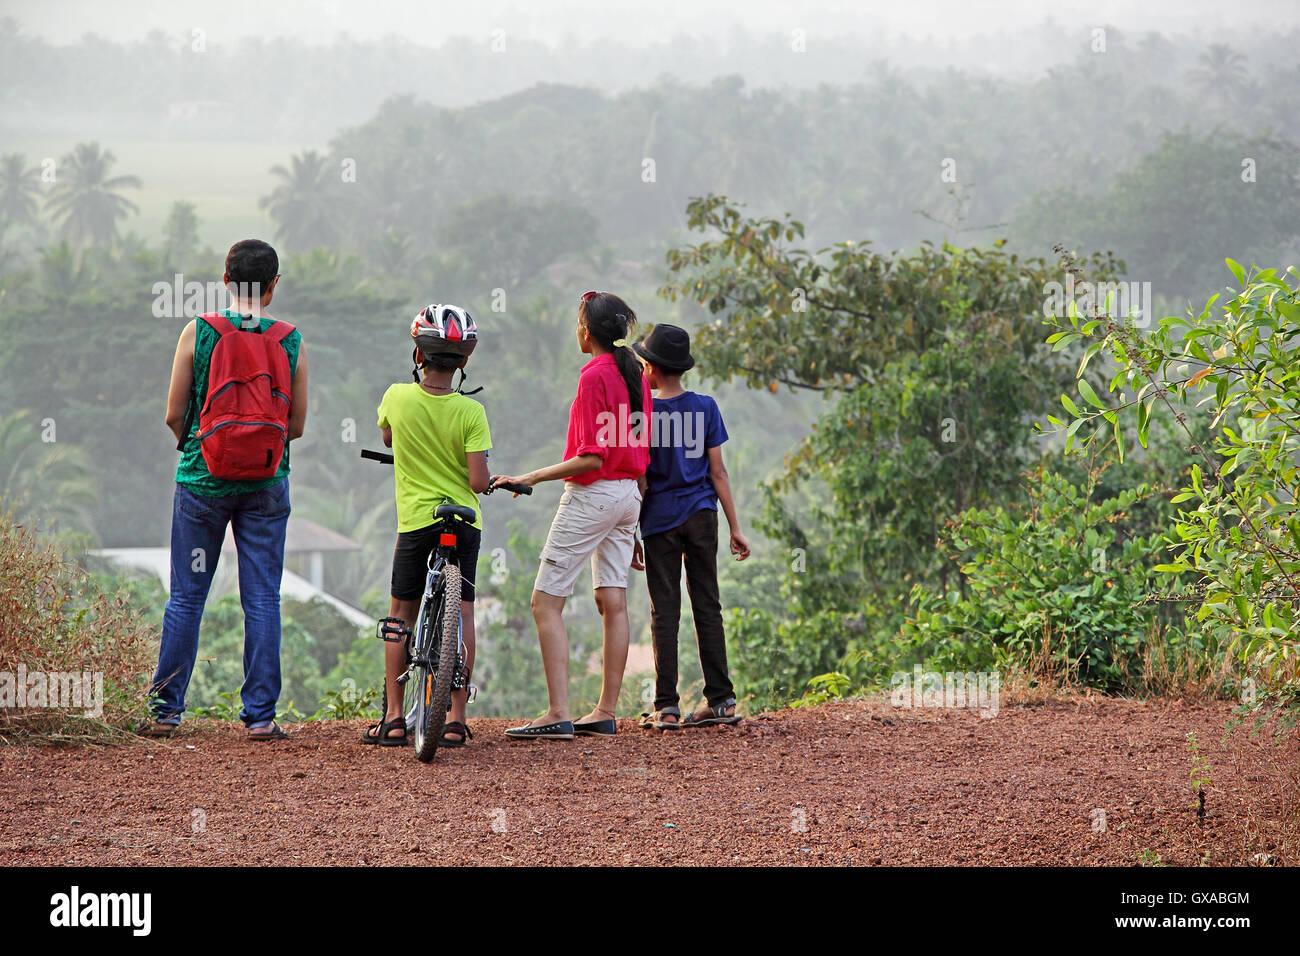 Gruppe von trekking und Radfahren Enthusiasten anhalten, um die schöne Landschaft von Hügeln und Tälern Stockbild